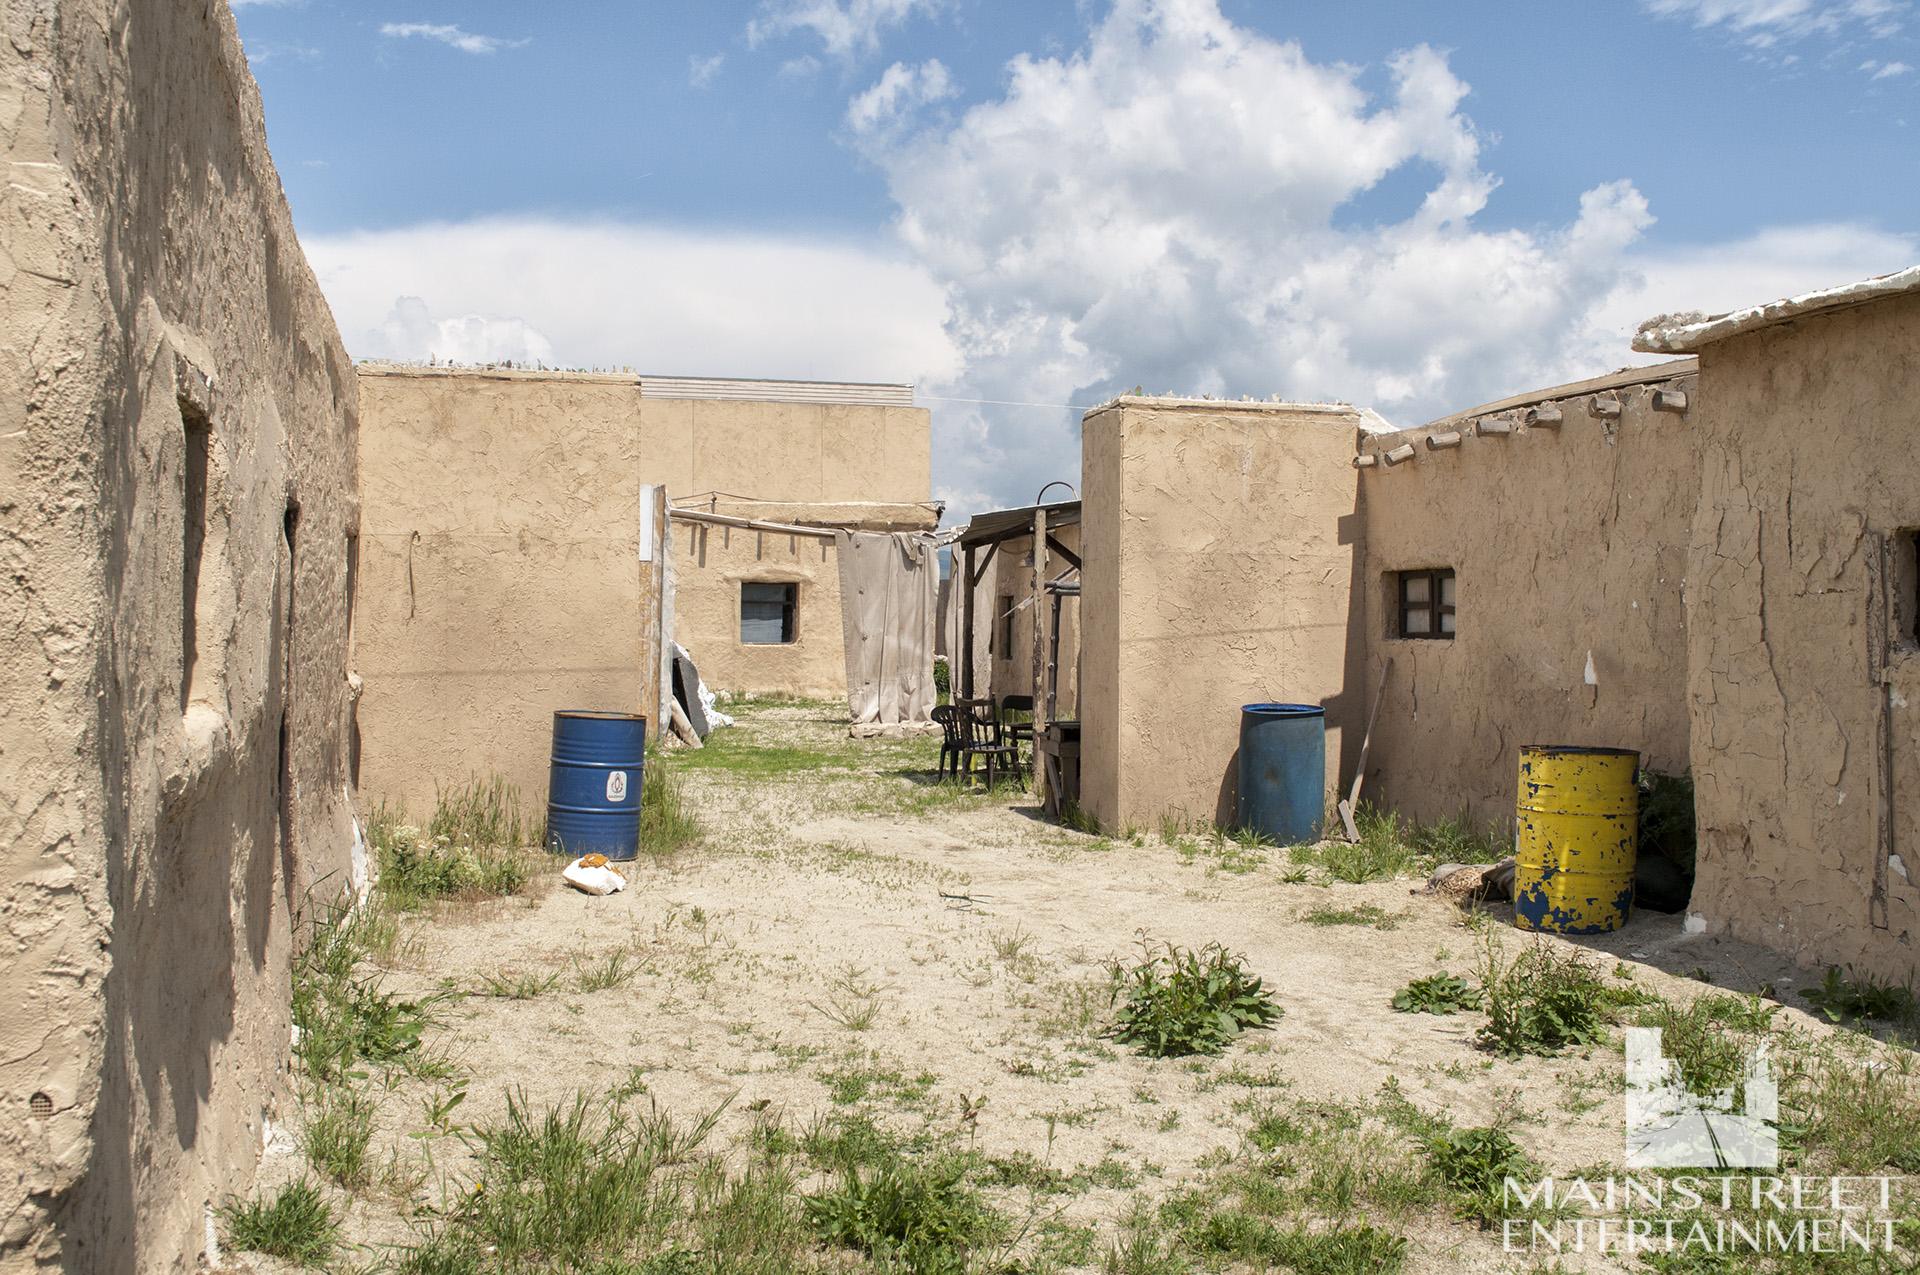 afghan rebels base set